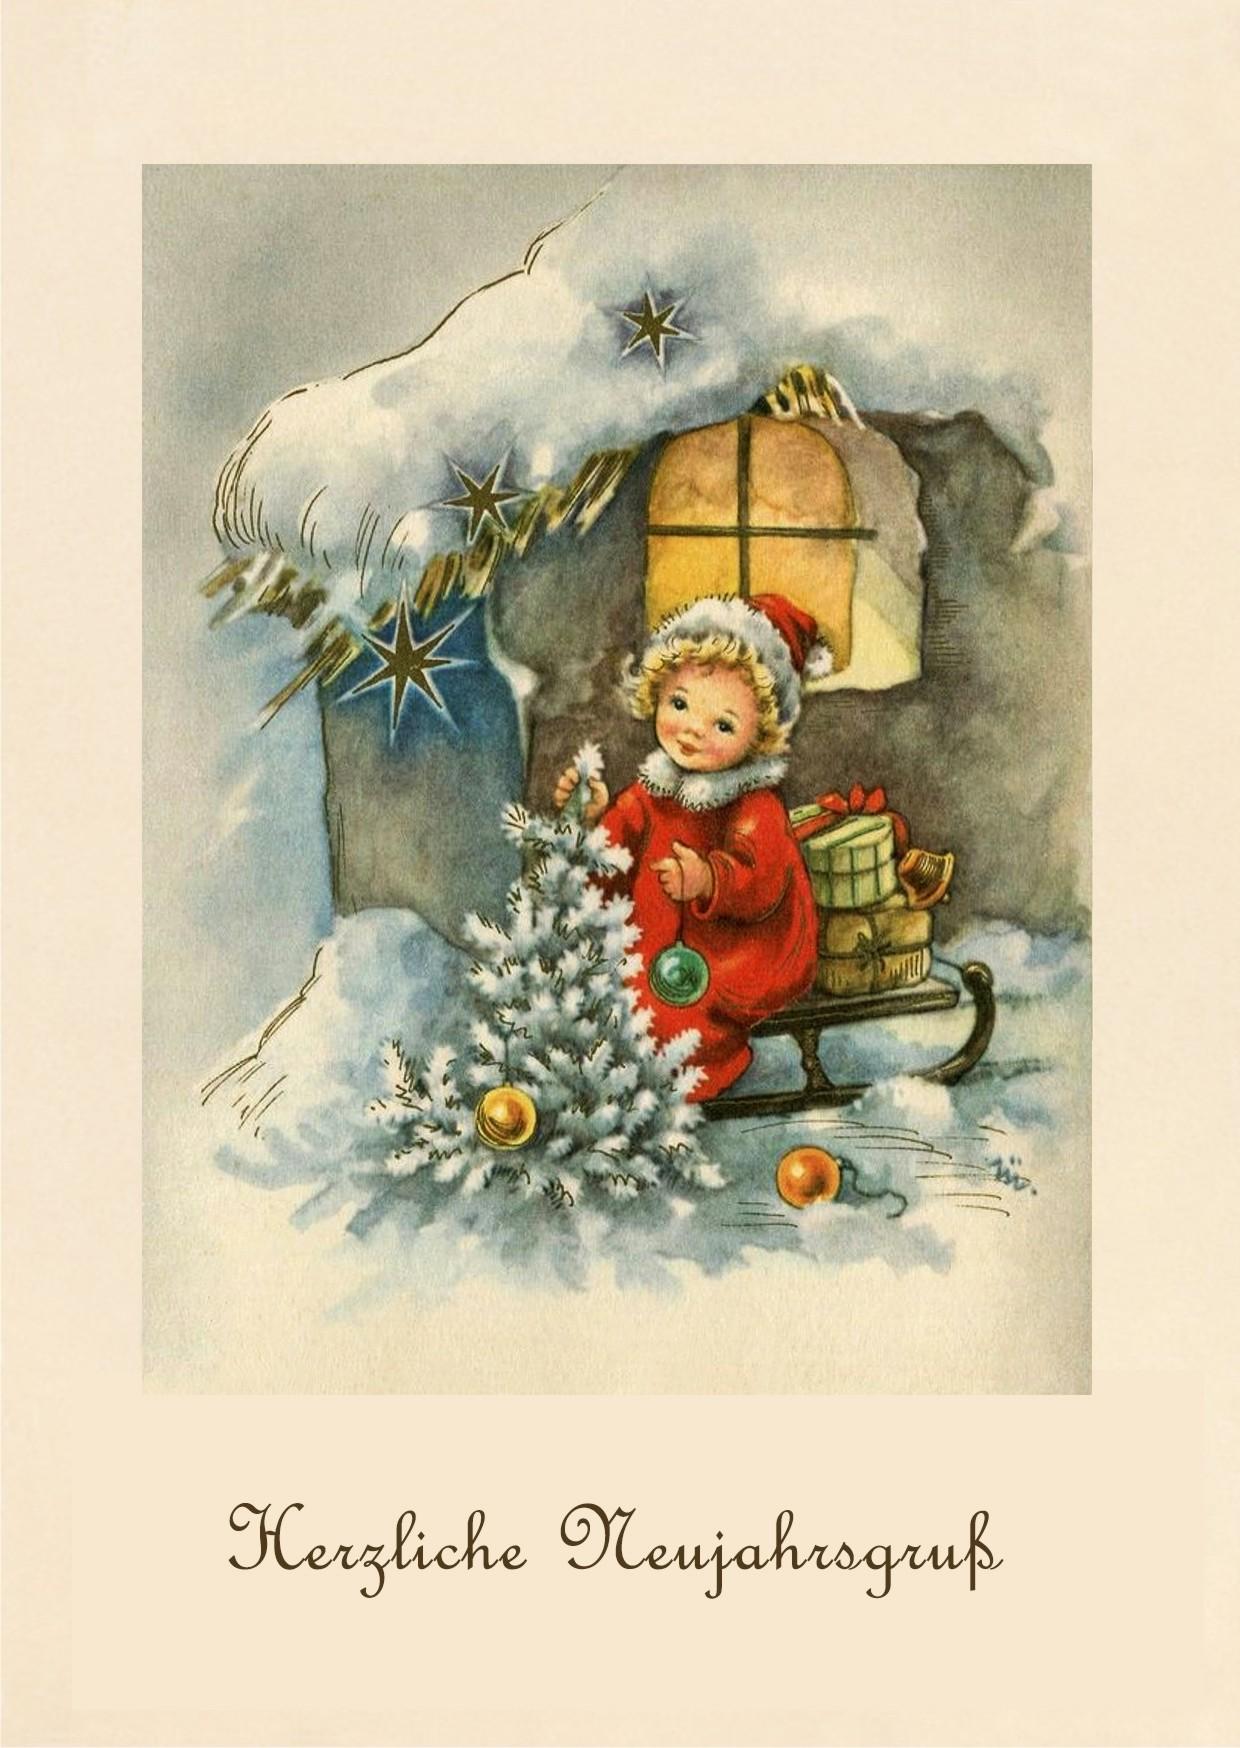 мировых немецкие новогодние открытки одно знаковое событие